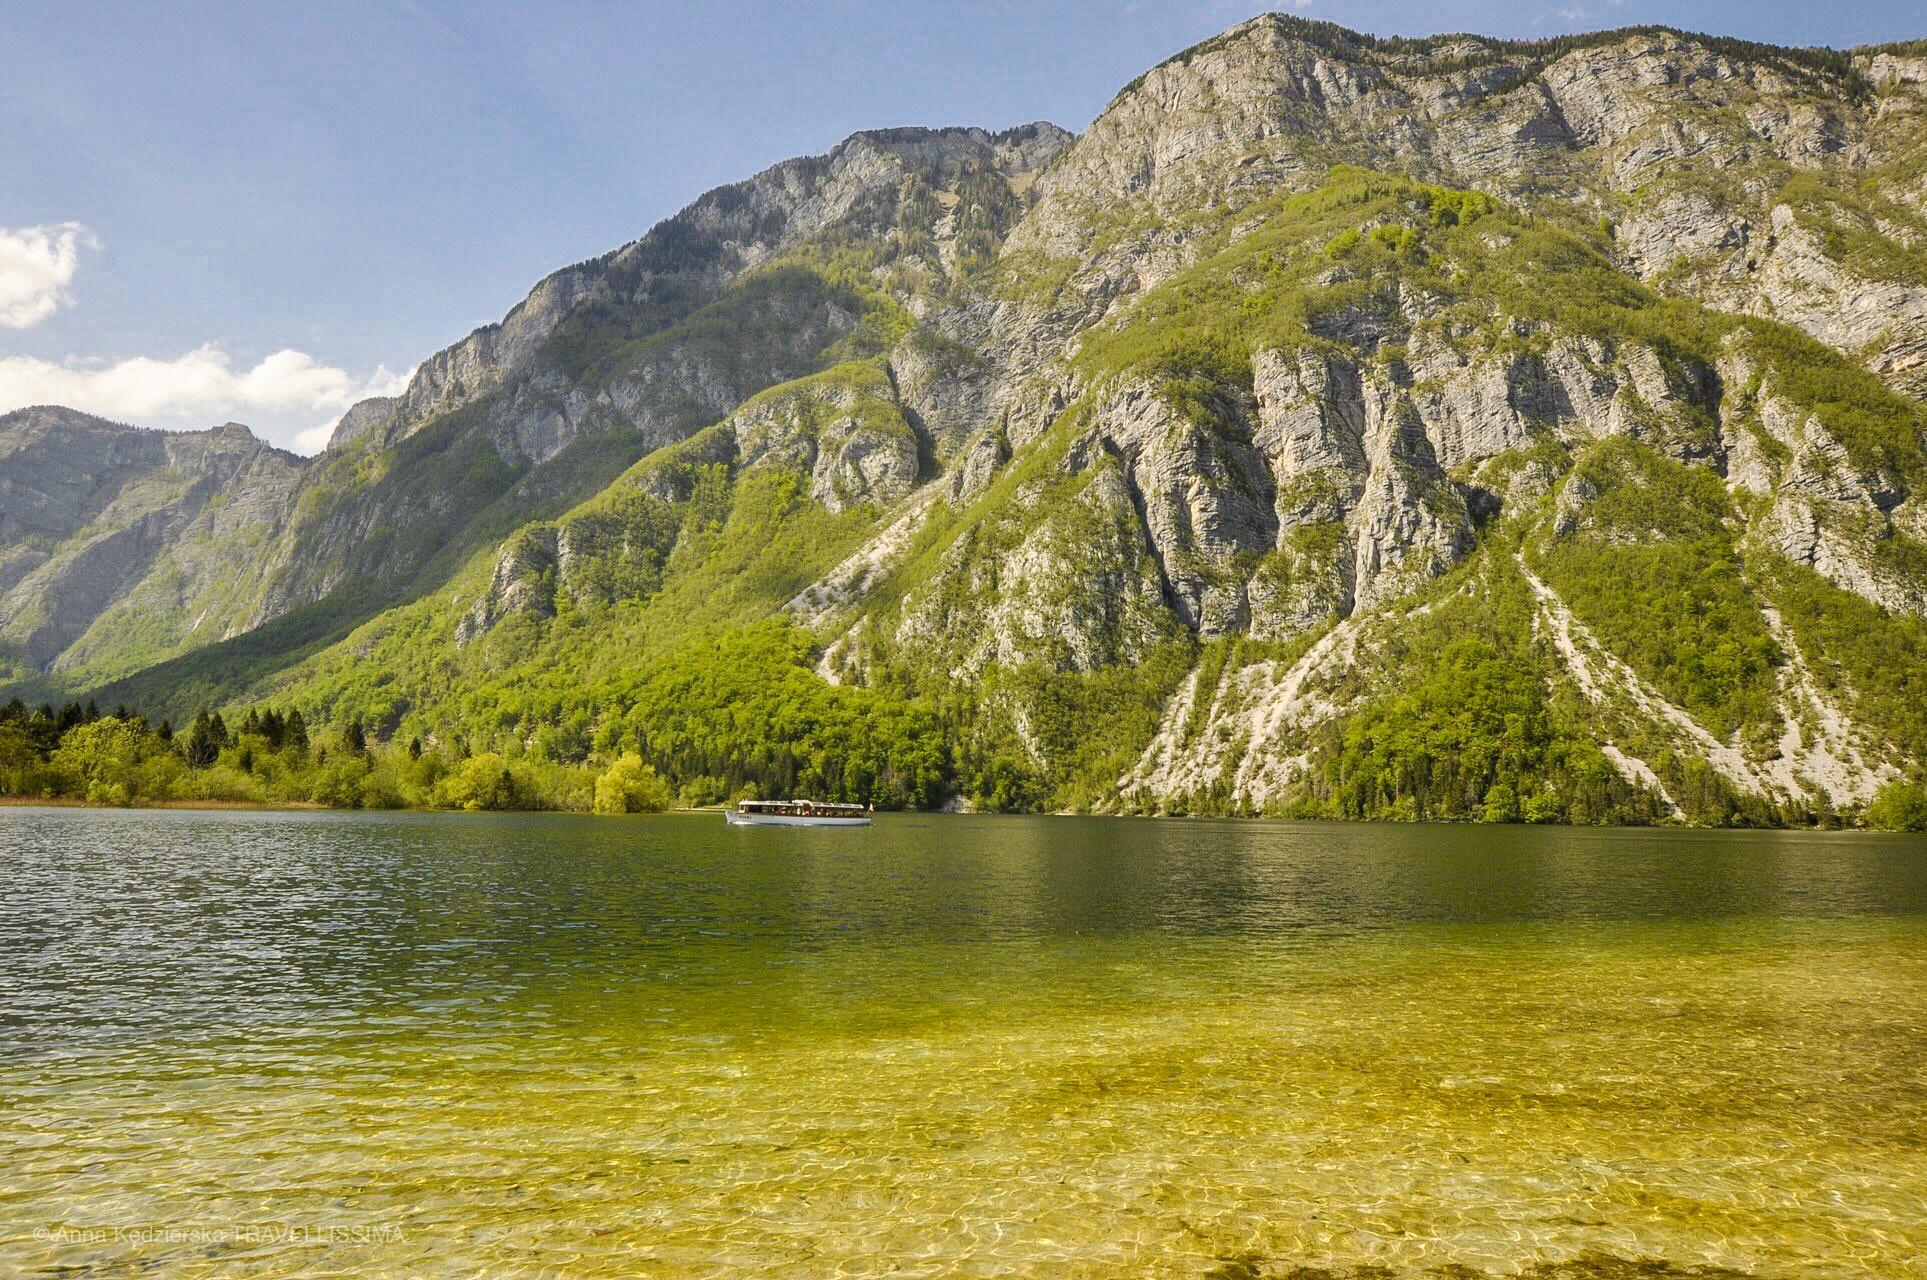 Wakacje z dziećmi w Słowenii, Jezioro Bohinj